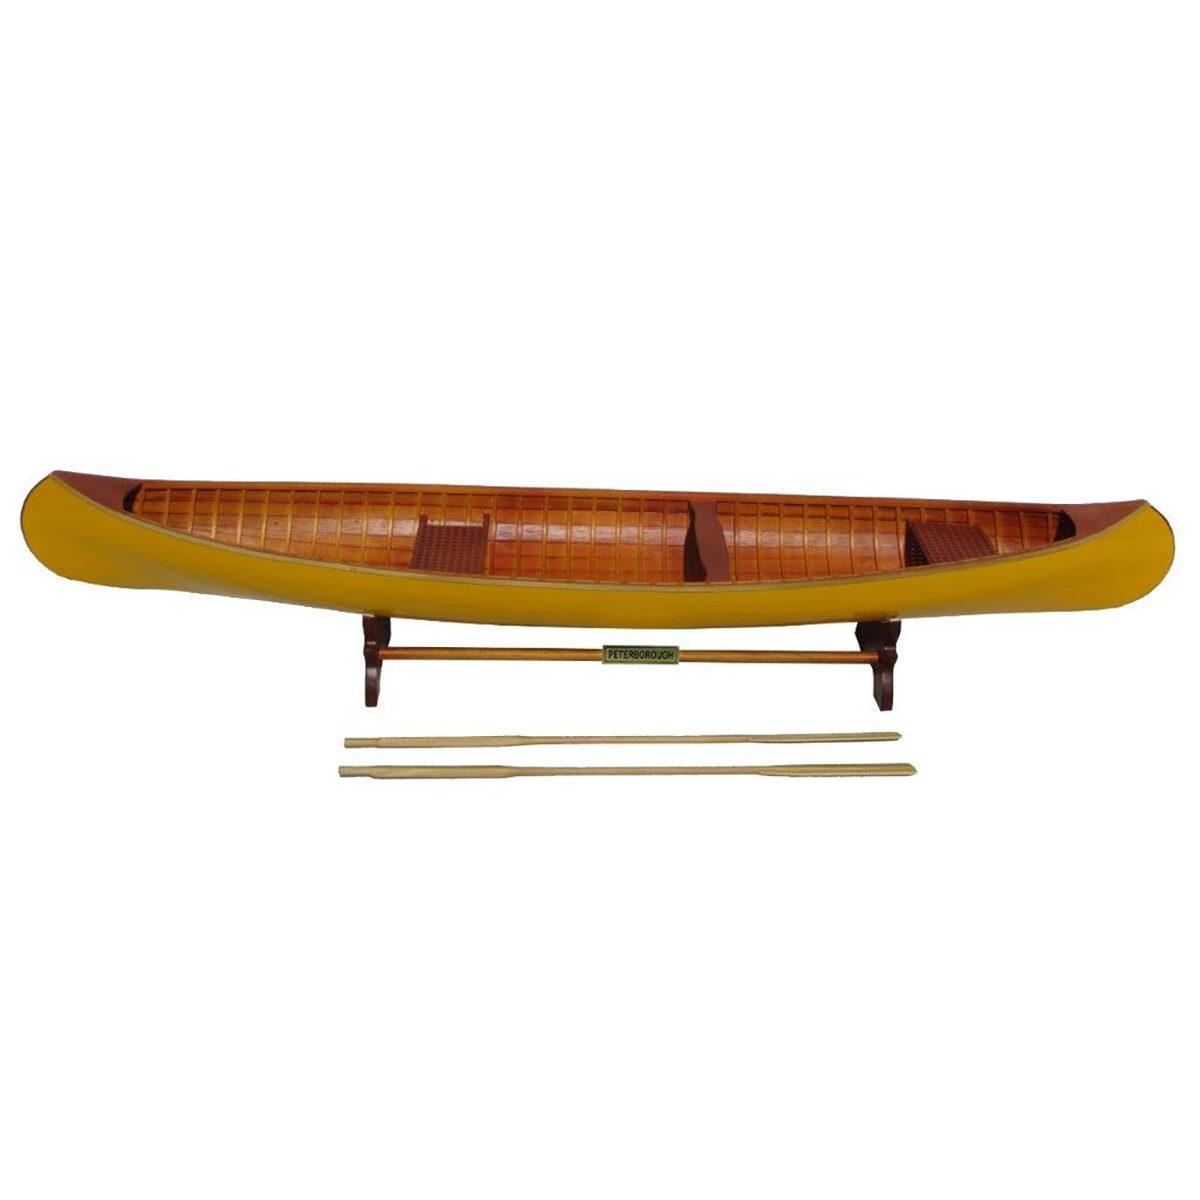 Peterborough kenu méz színű Kishajó, Csónak